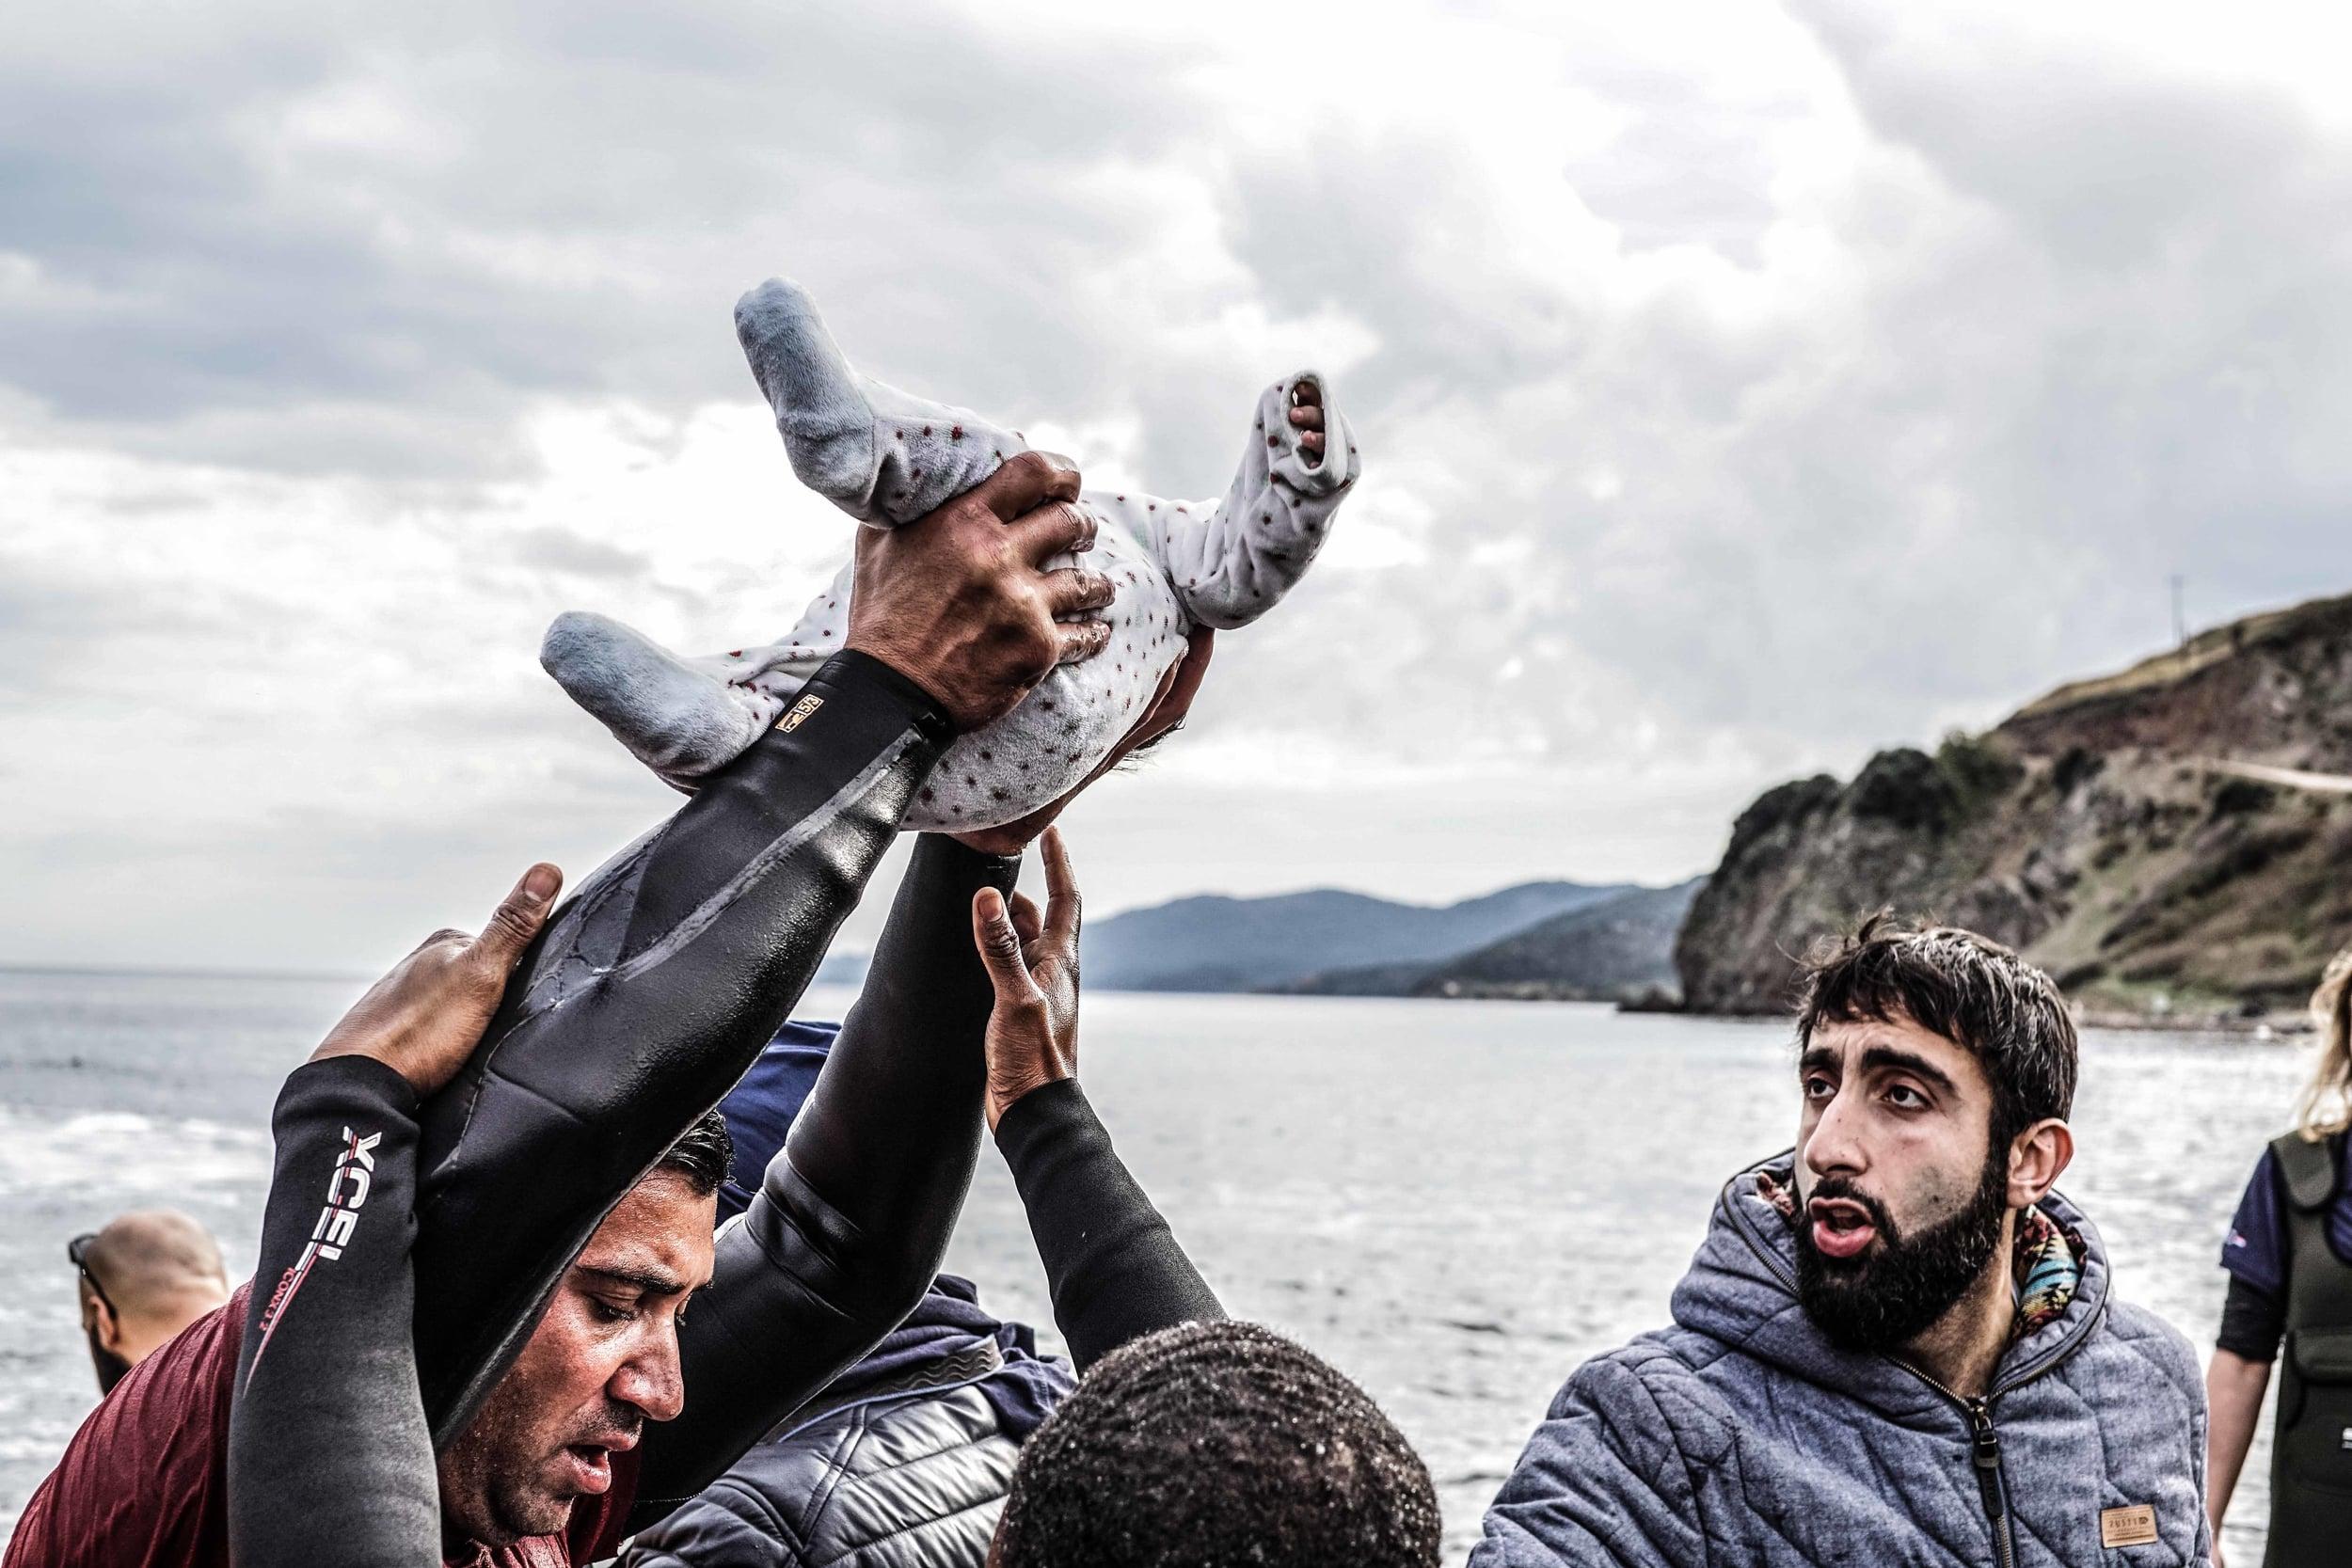 Harrison Bruhn Refugee Crisis Migrant November 2015 Lesvos Greece 2.jpg